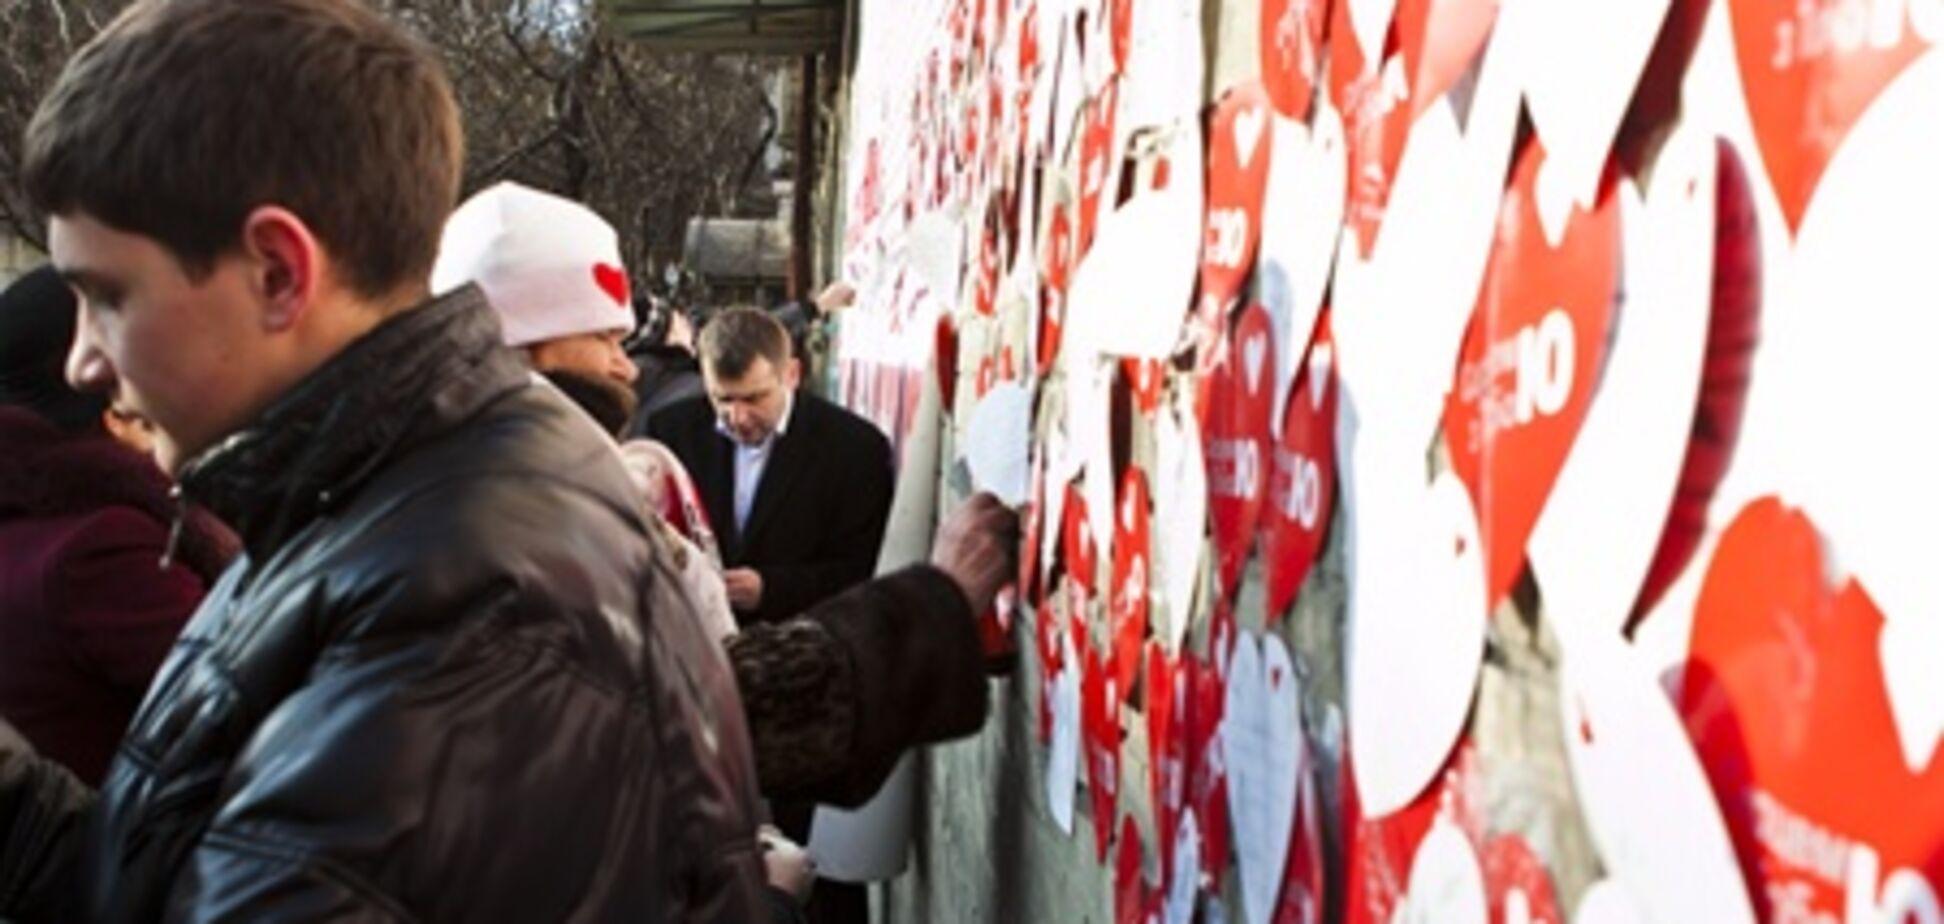 Чоловік регулярно обстрілював офіс ПР, бажаючи помститися за Тимошенко